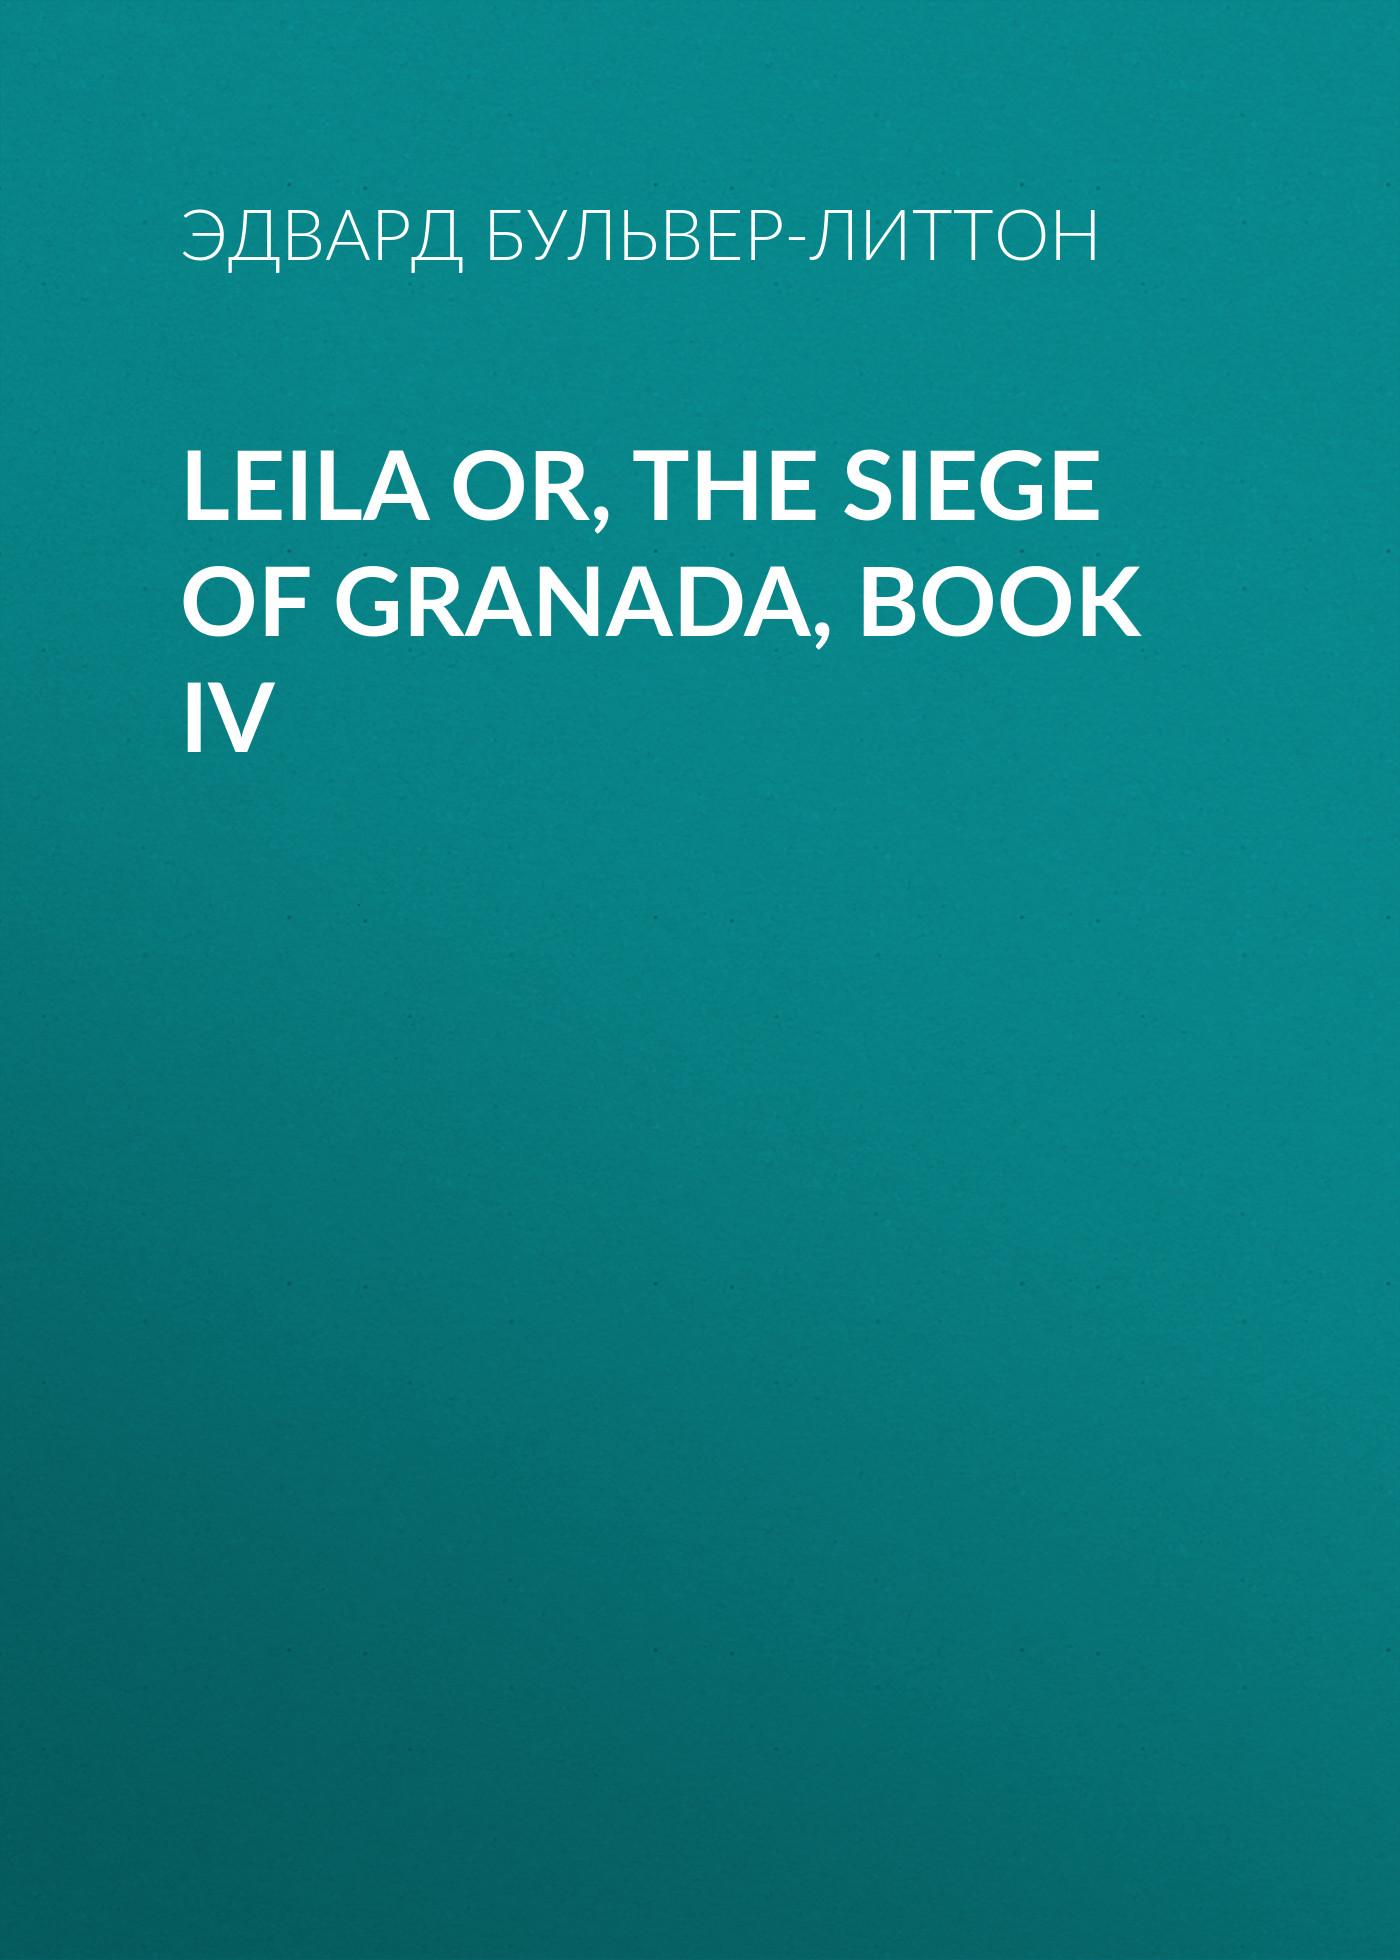 Эдвард Бульвер-Литтон Leila or, the Siege of Granada, Book IV эдвард бульвер литтон leila or the siege of granada book iv